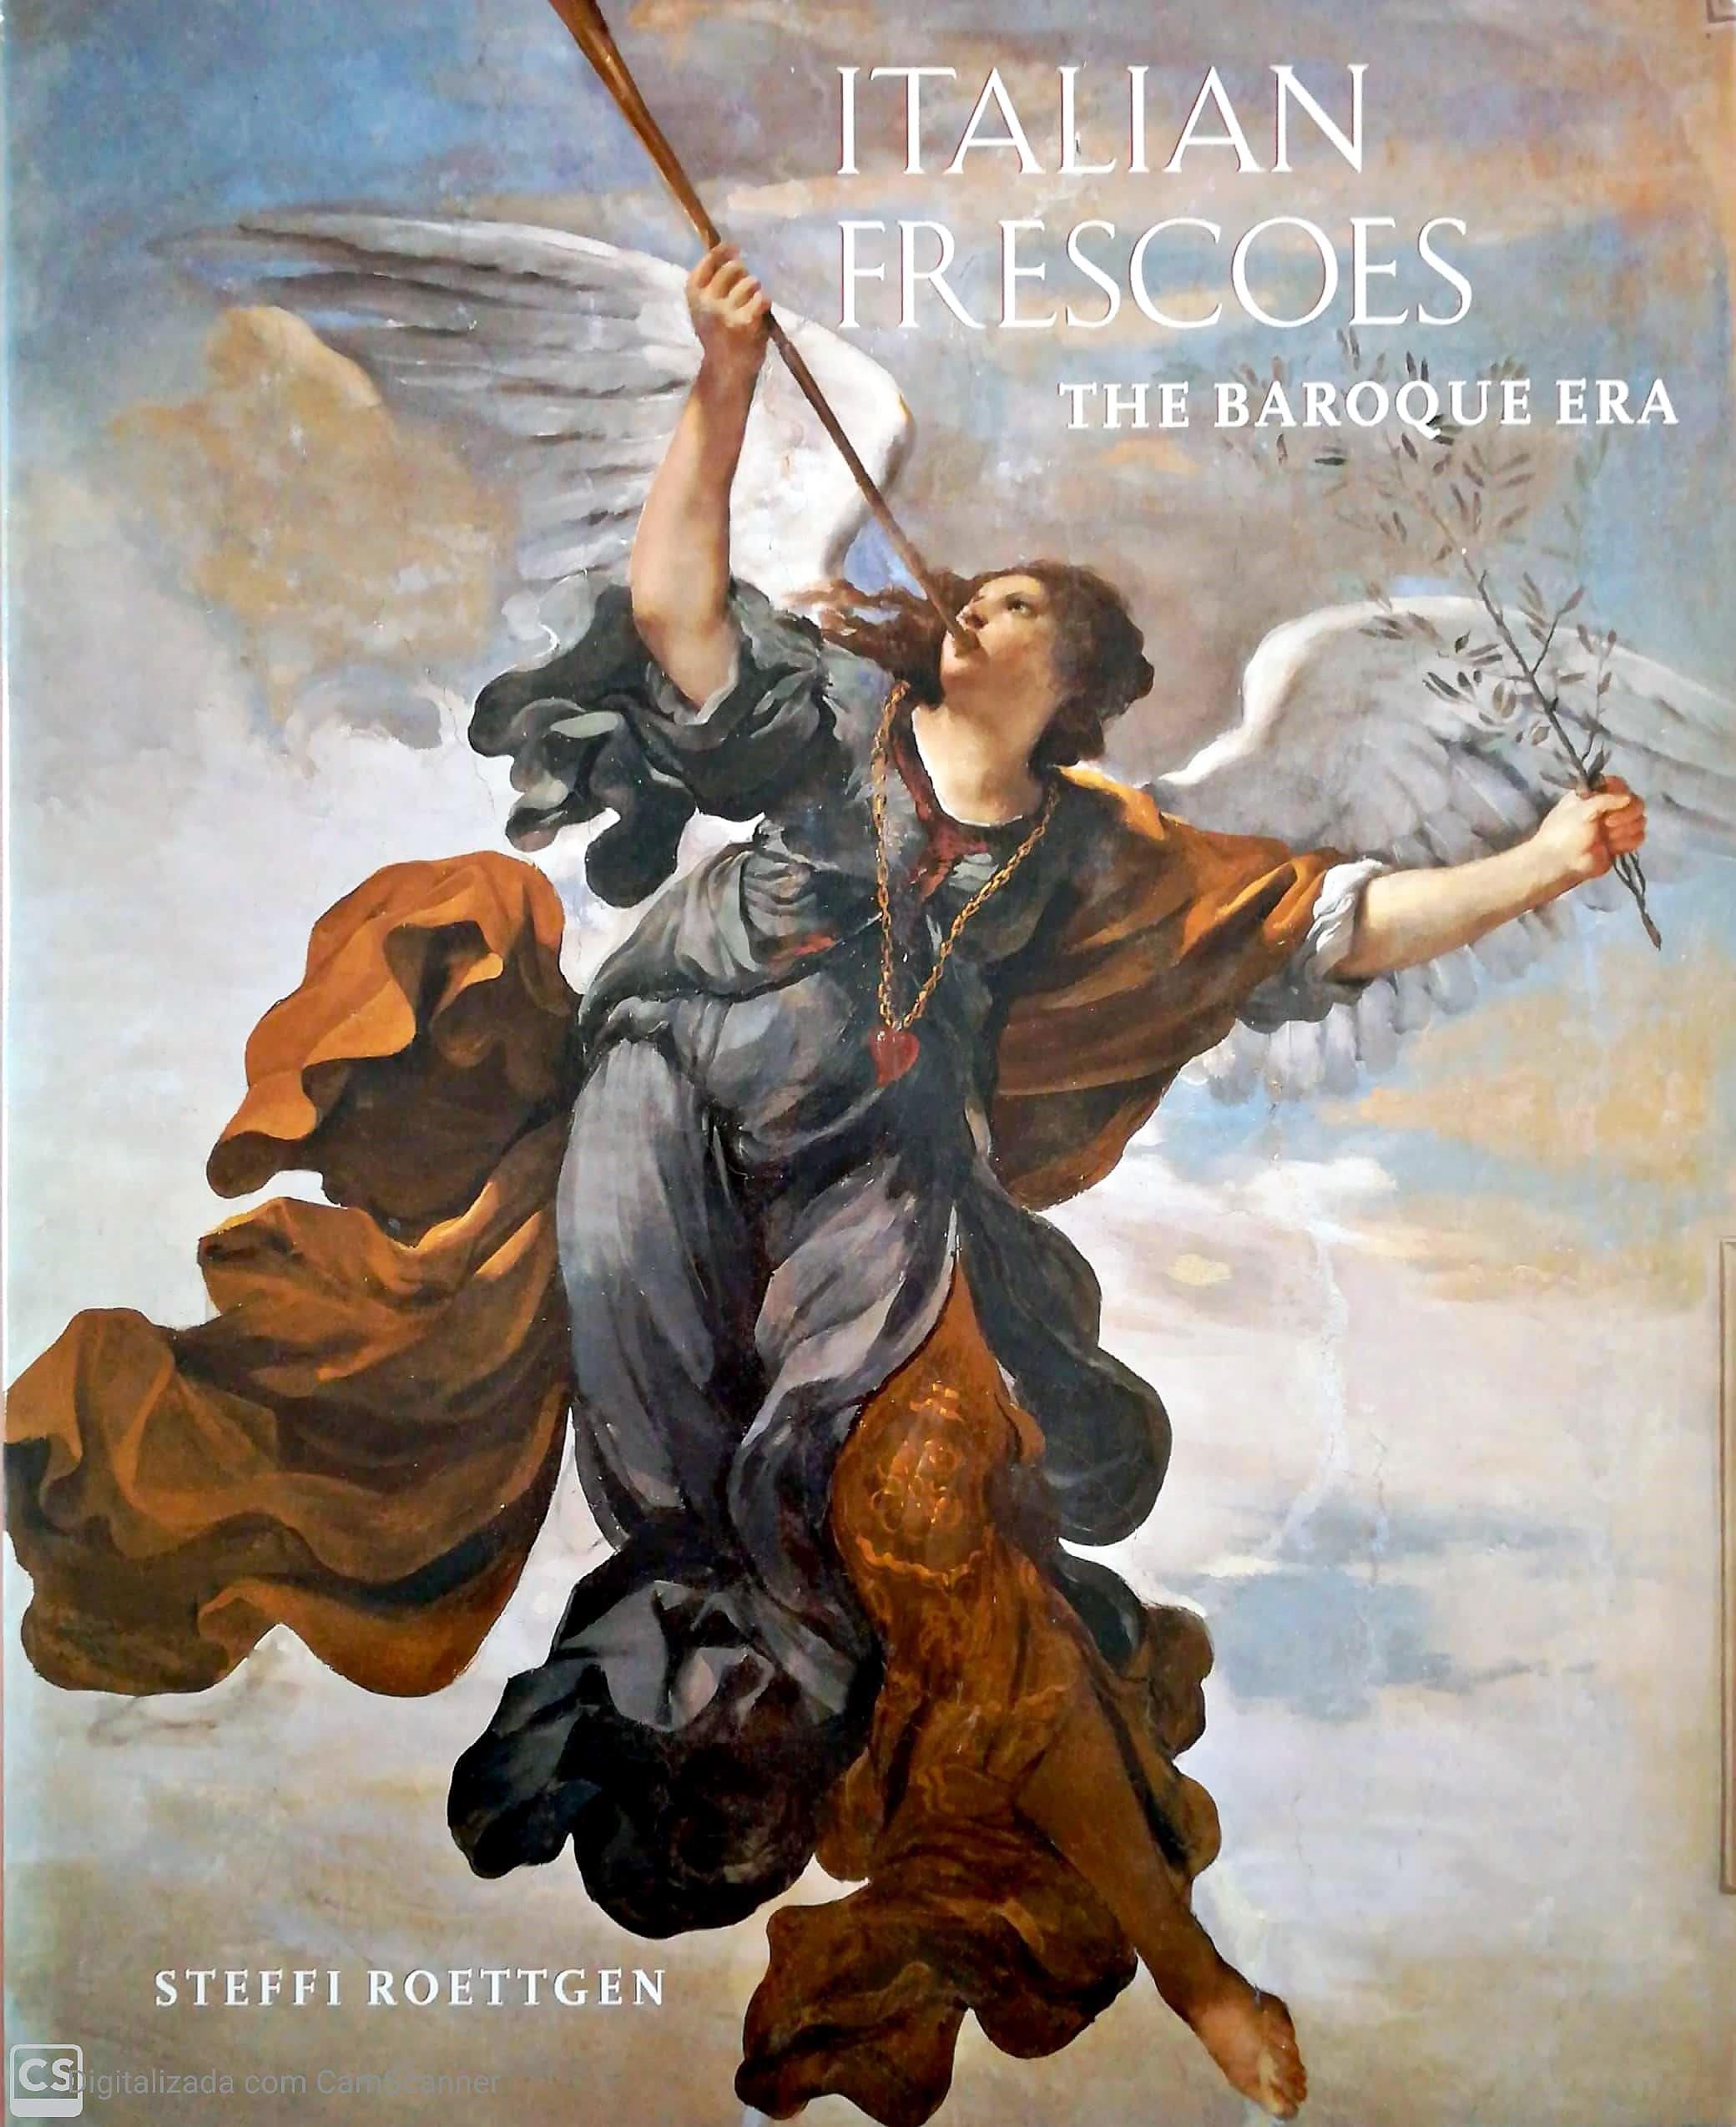 Italian Frescoes 12 (1)